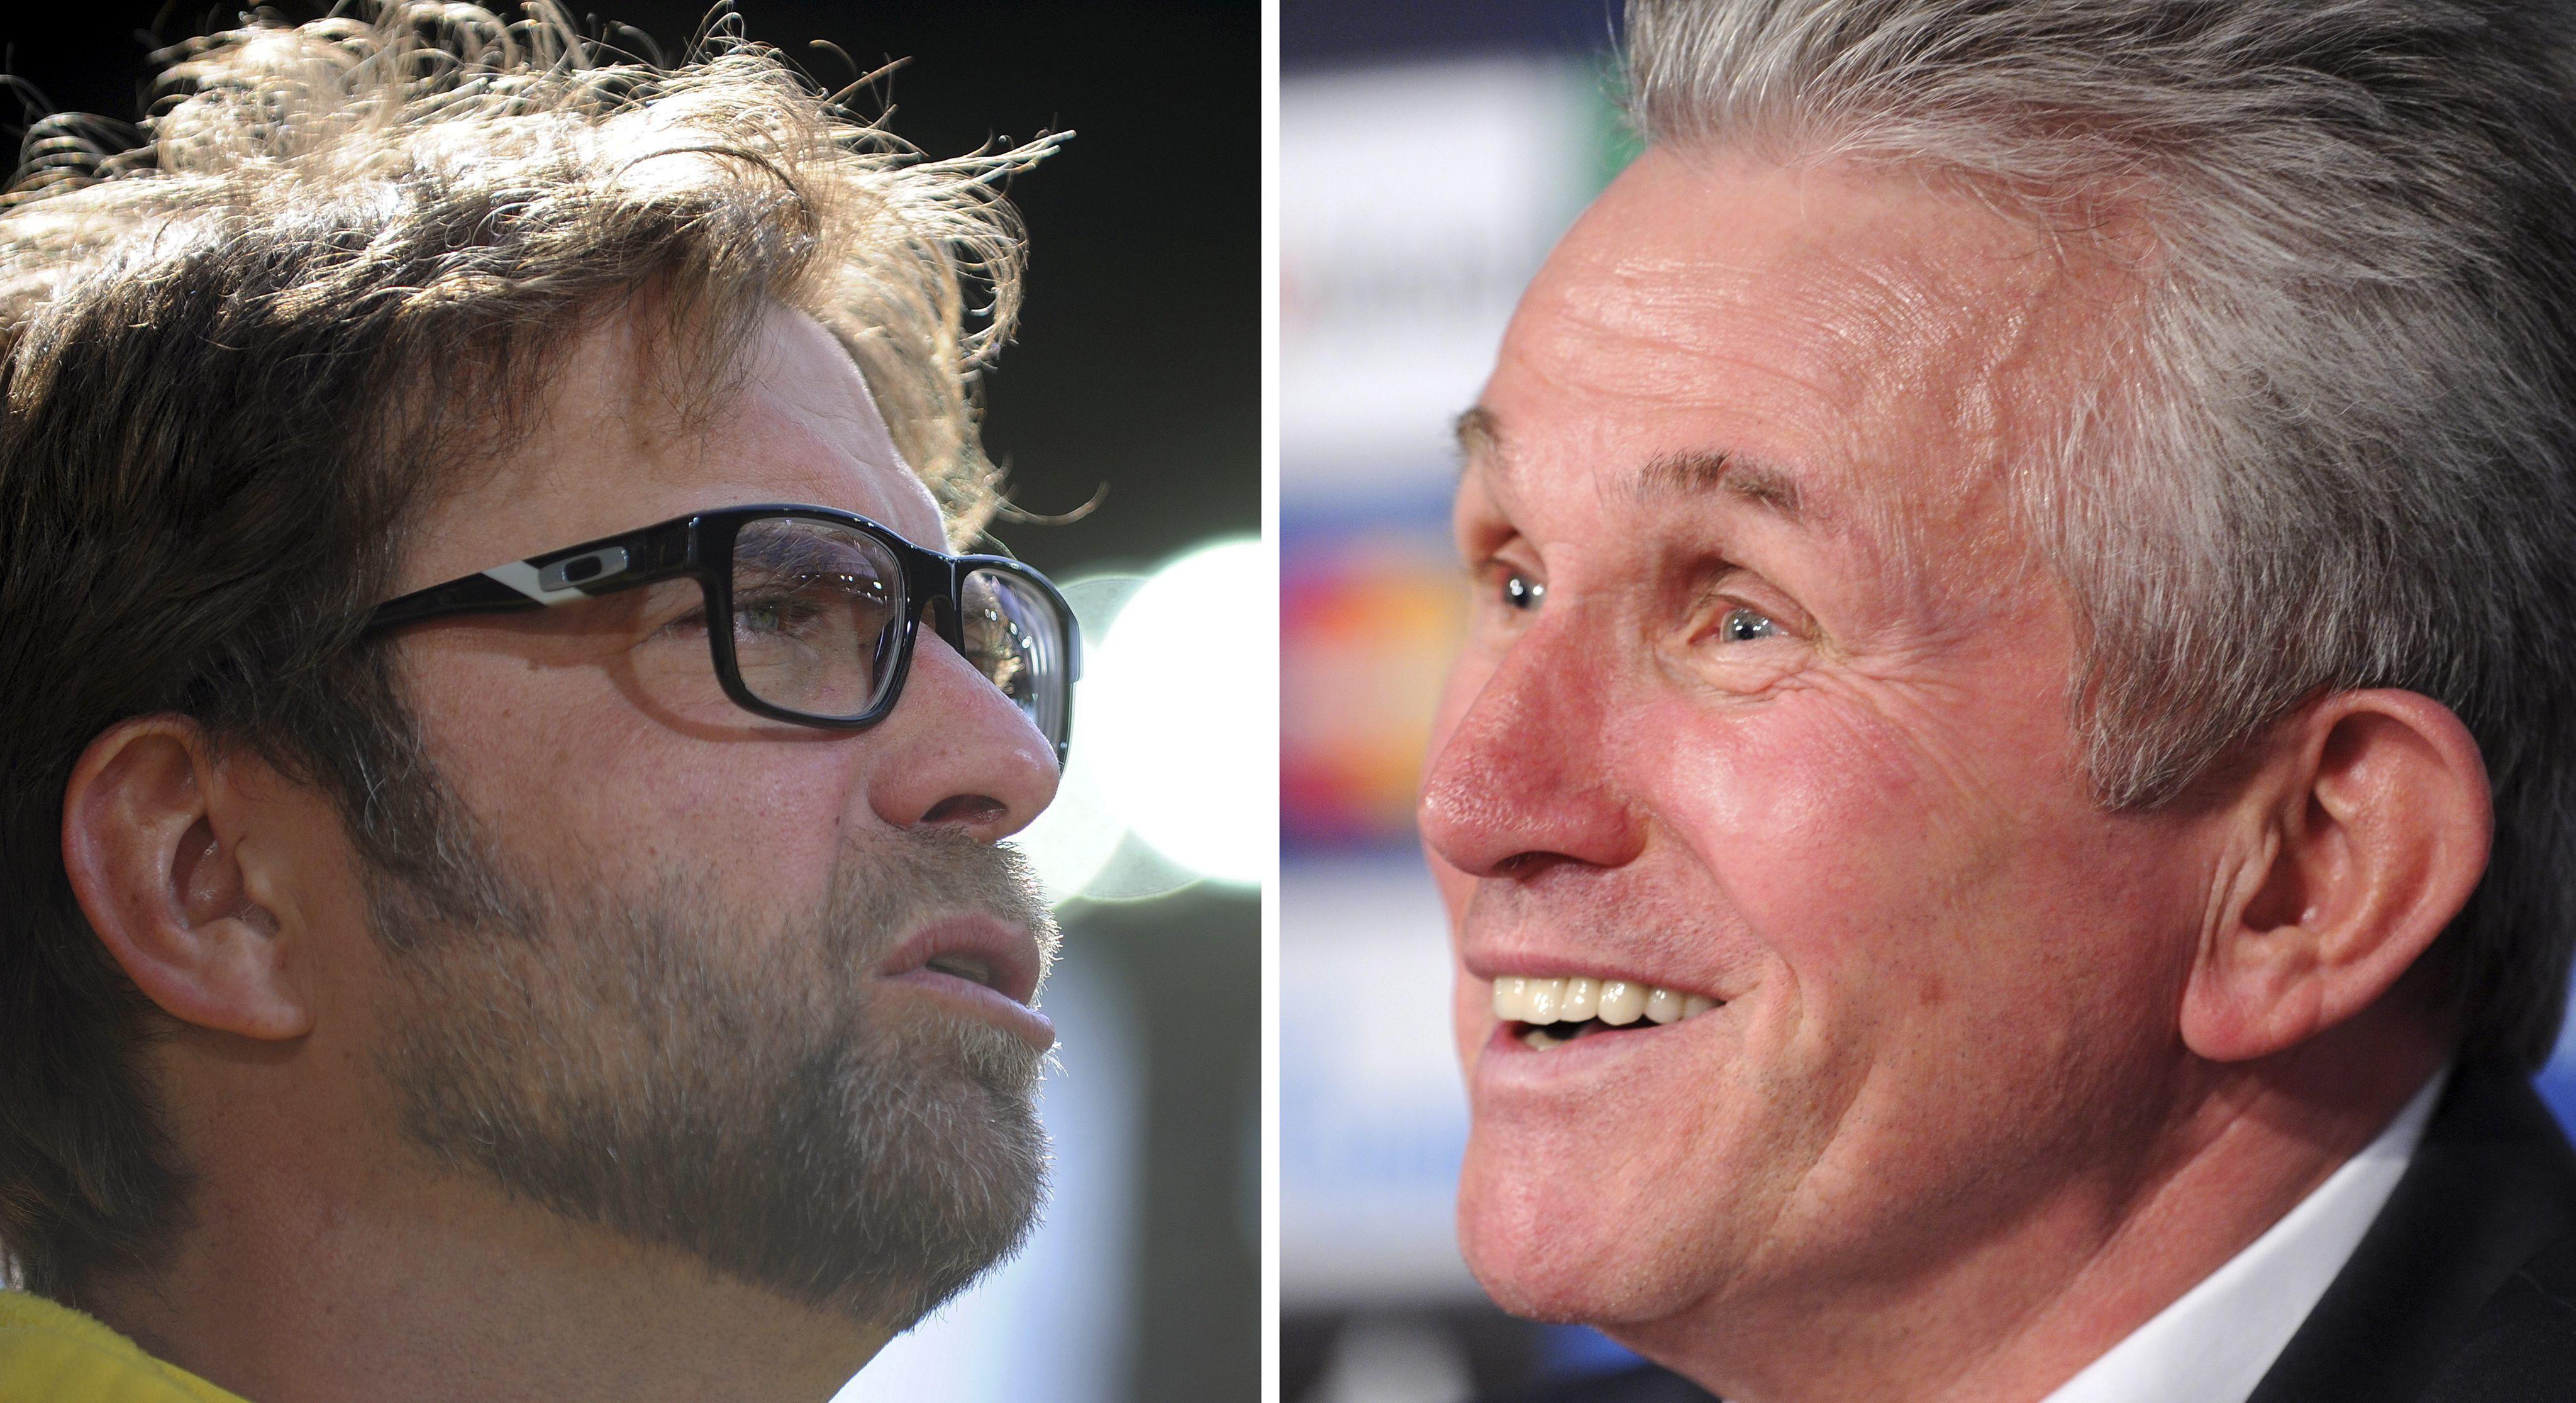 El Dortmund ya derrotó al Bayern en una final sin Götze en el campo